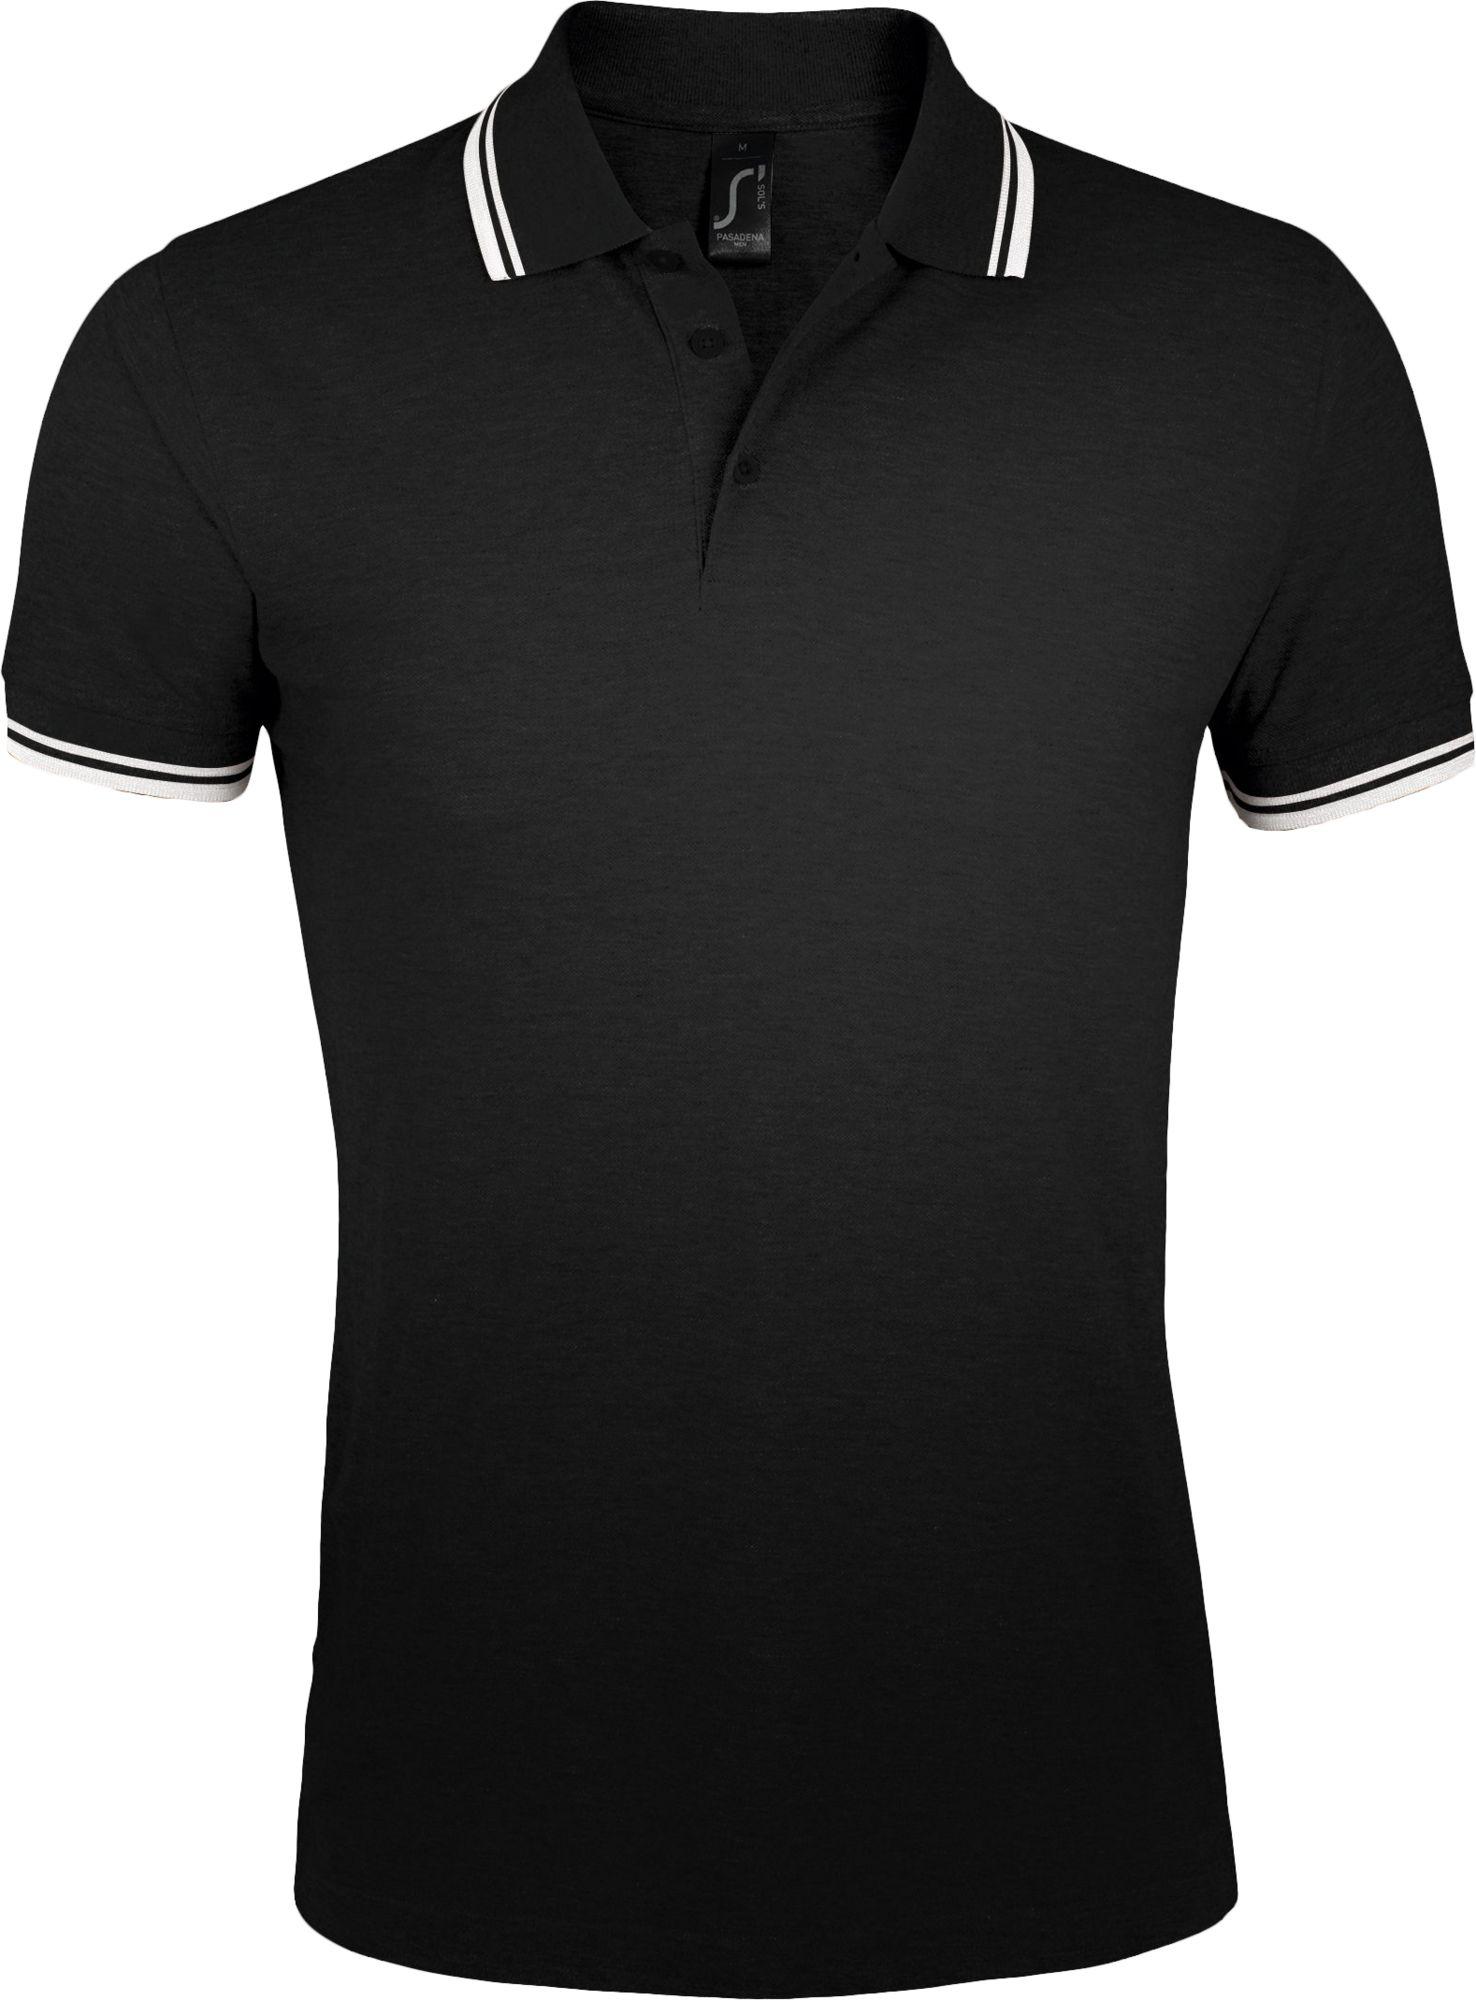 Рубашка поло мужская PASADENA MEN 200, черная с белым